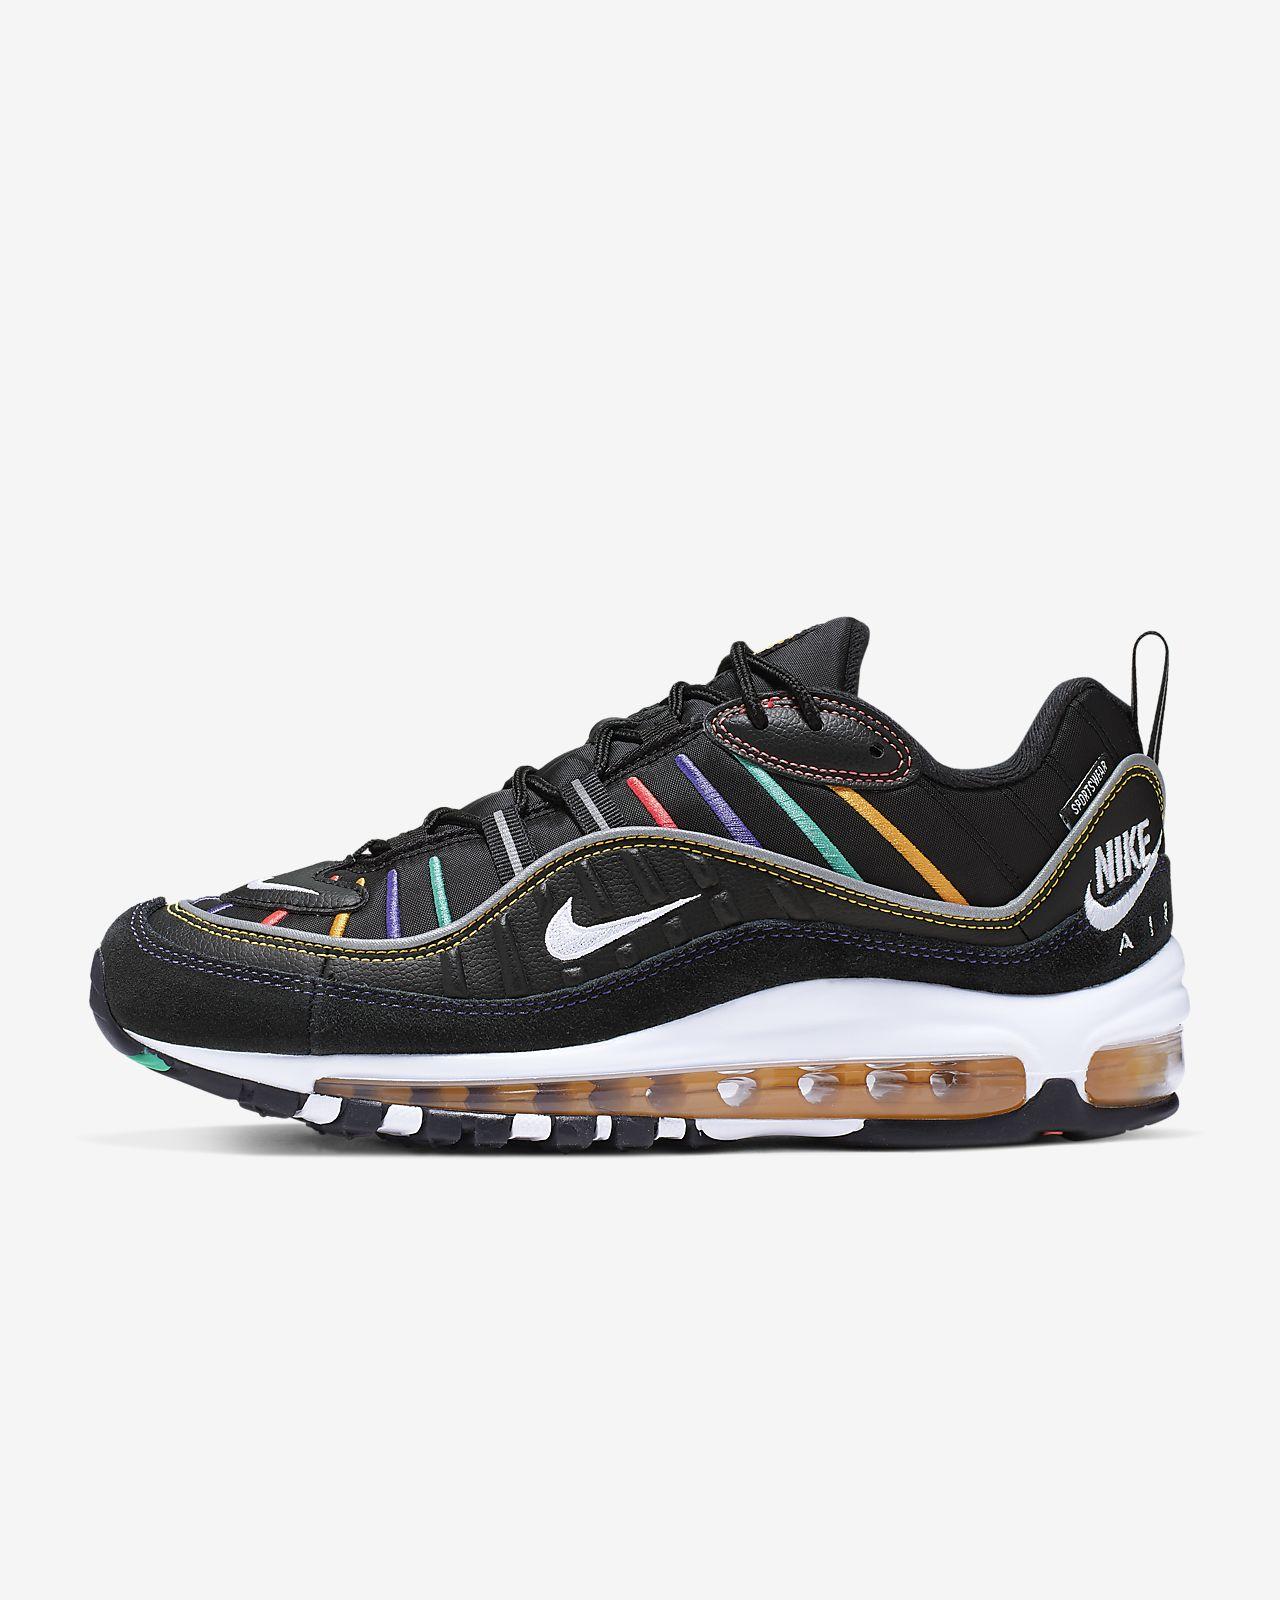 Γυναικείο παπούτσι Nike Air Max 98 Premium